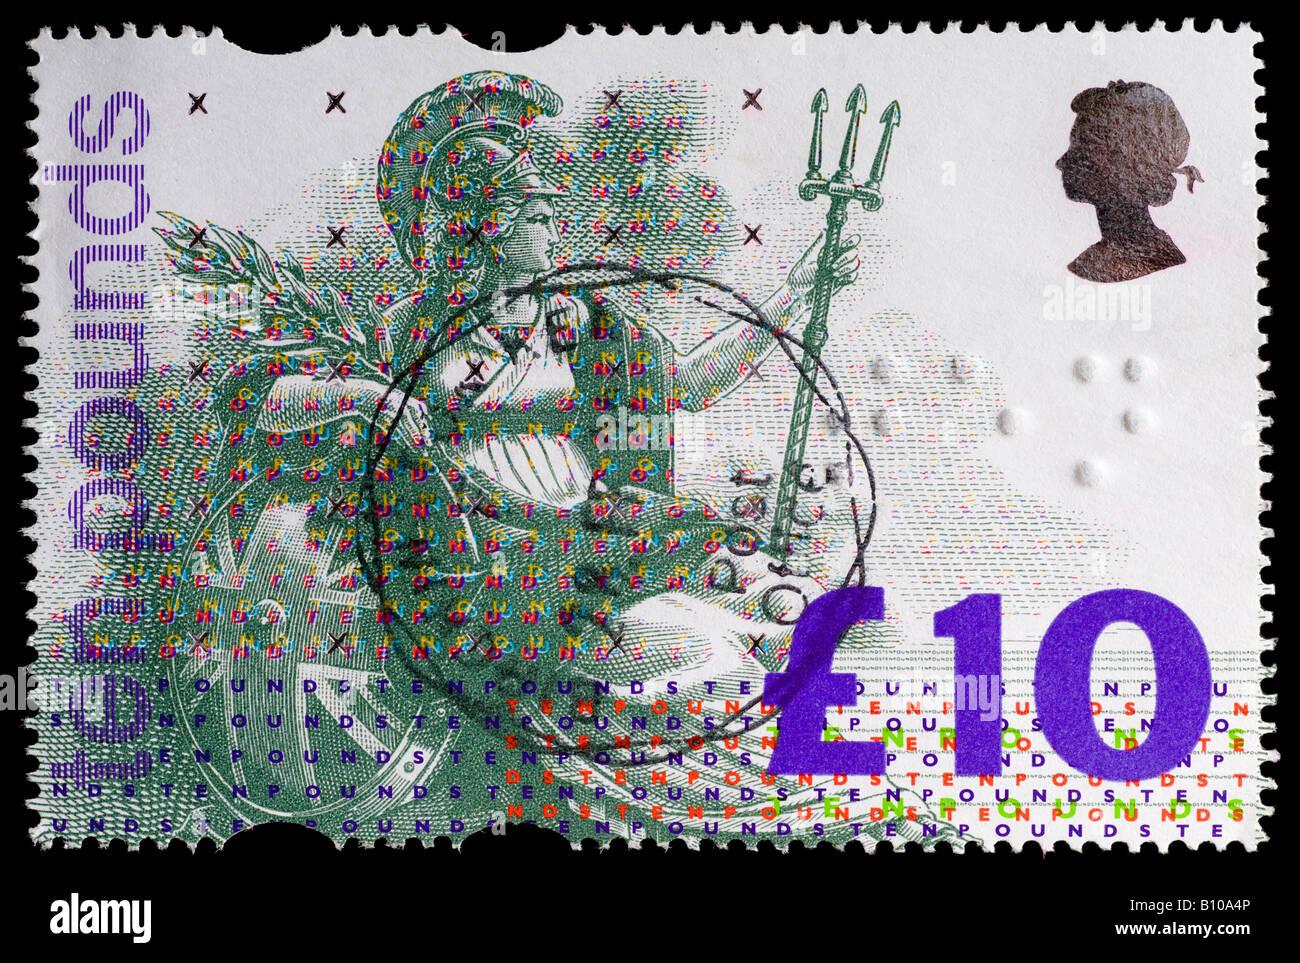 Utilisé 1993 Grande-bretagne £10 Britannia 'valeur' stamp - premier timbre britannique avec marquages en braille en relief. Banque D'Images